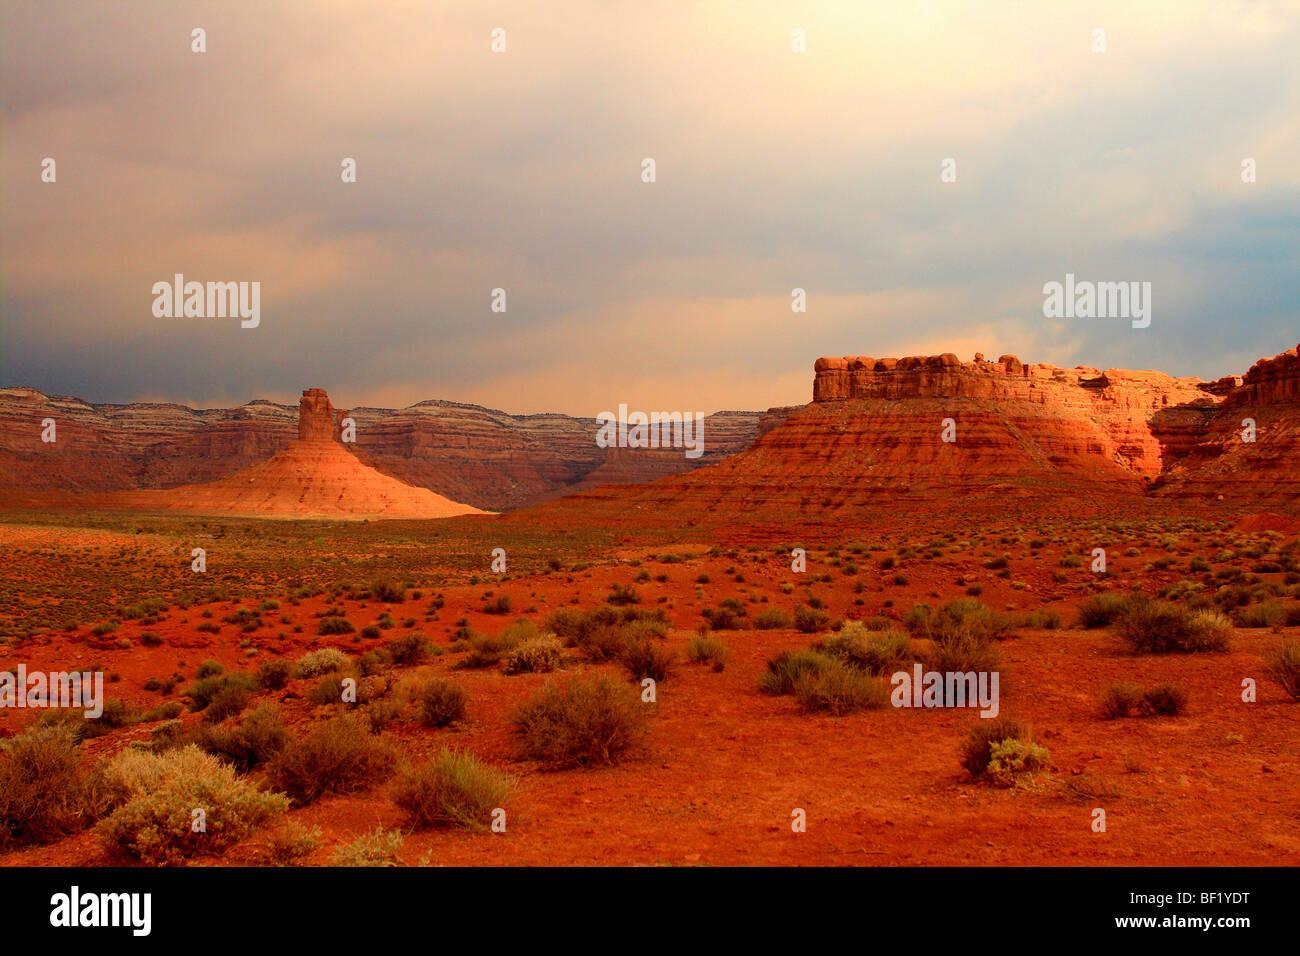 Valley of the Gods Utah, USA Desert - Stock Image